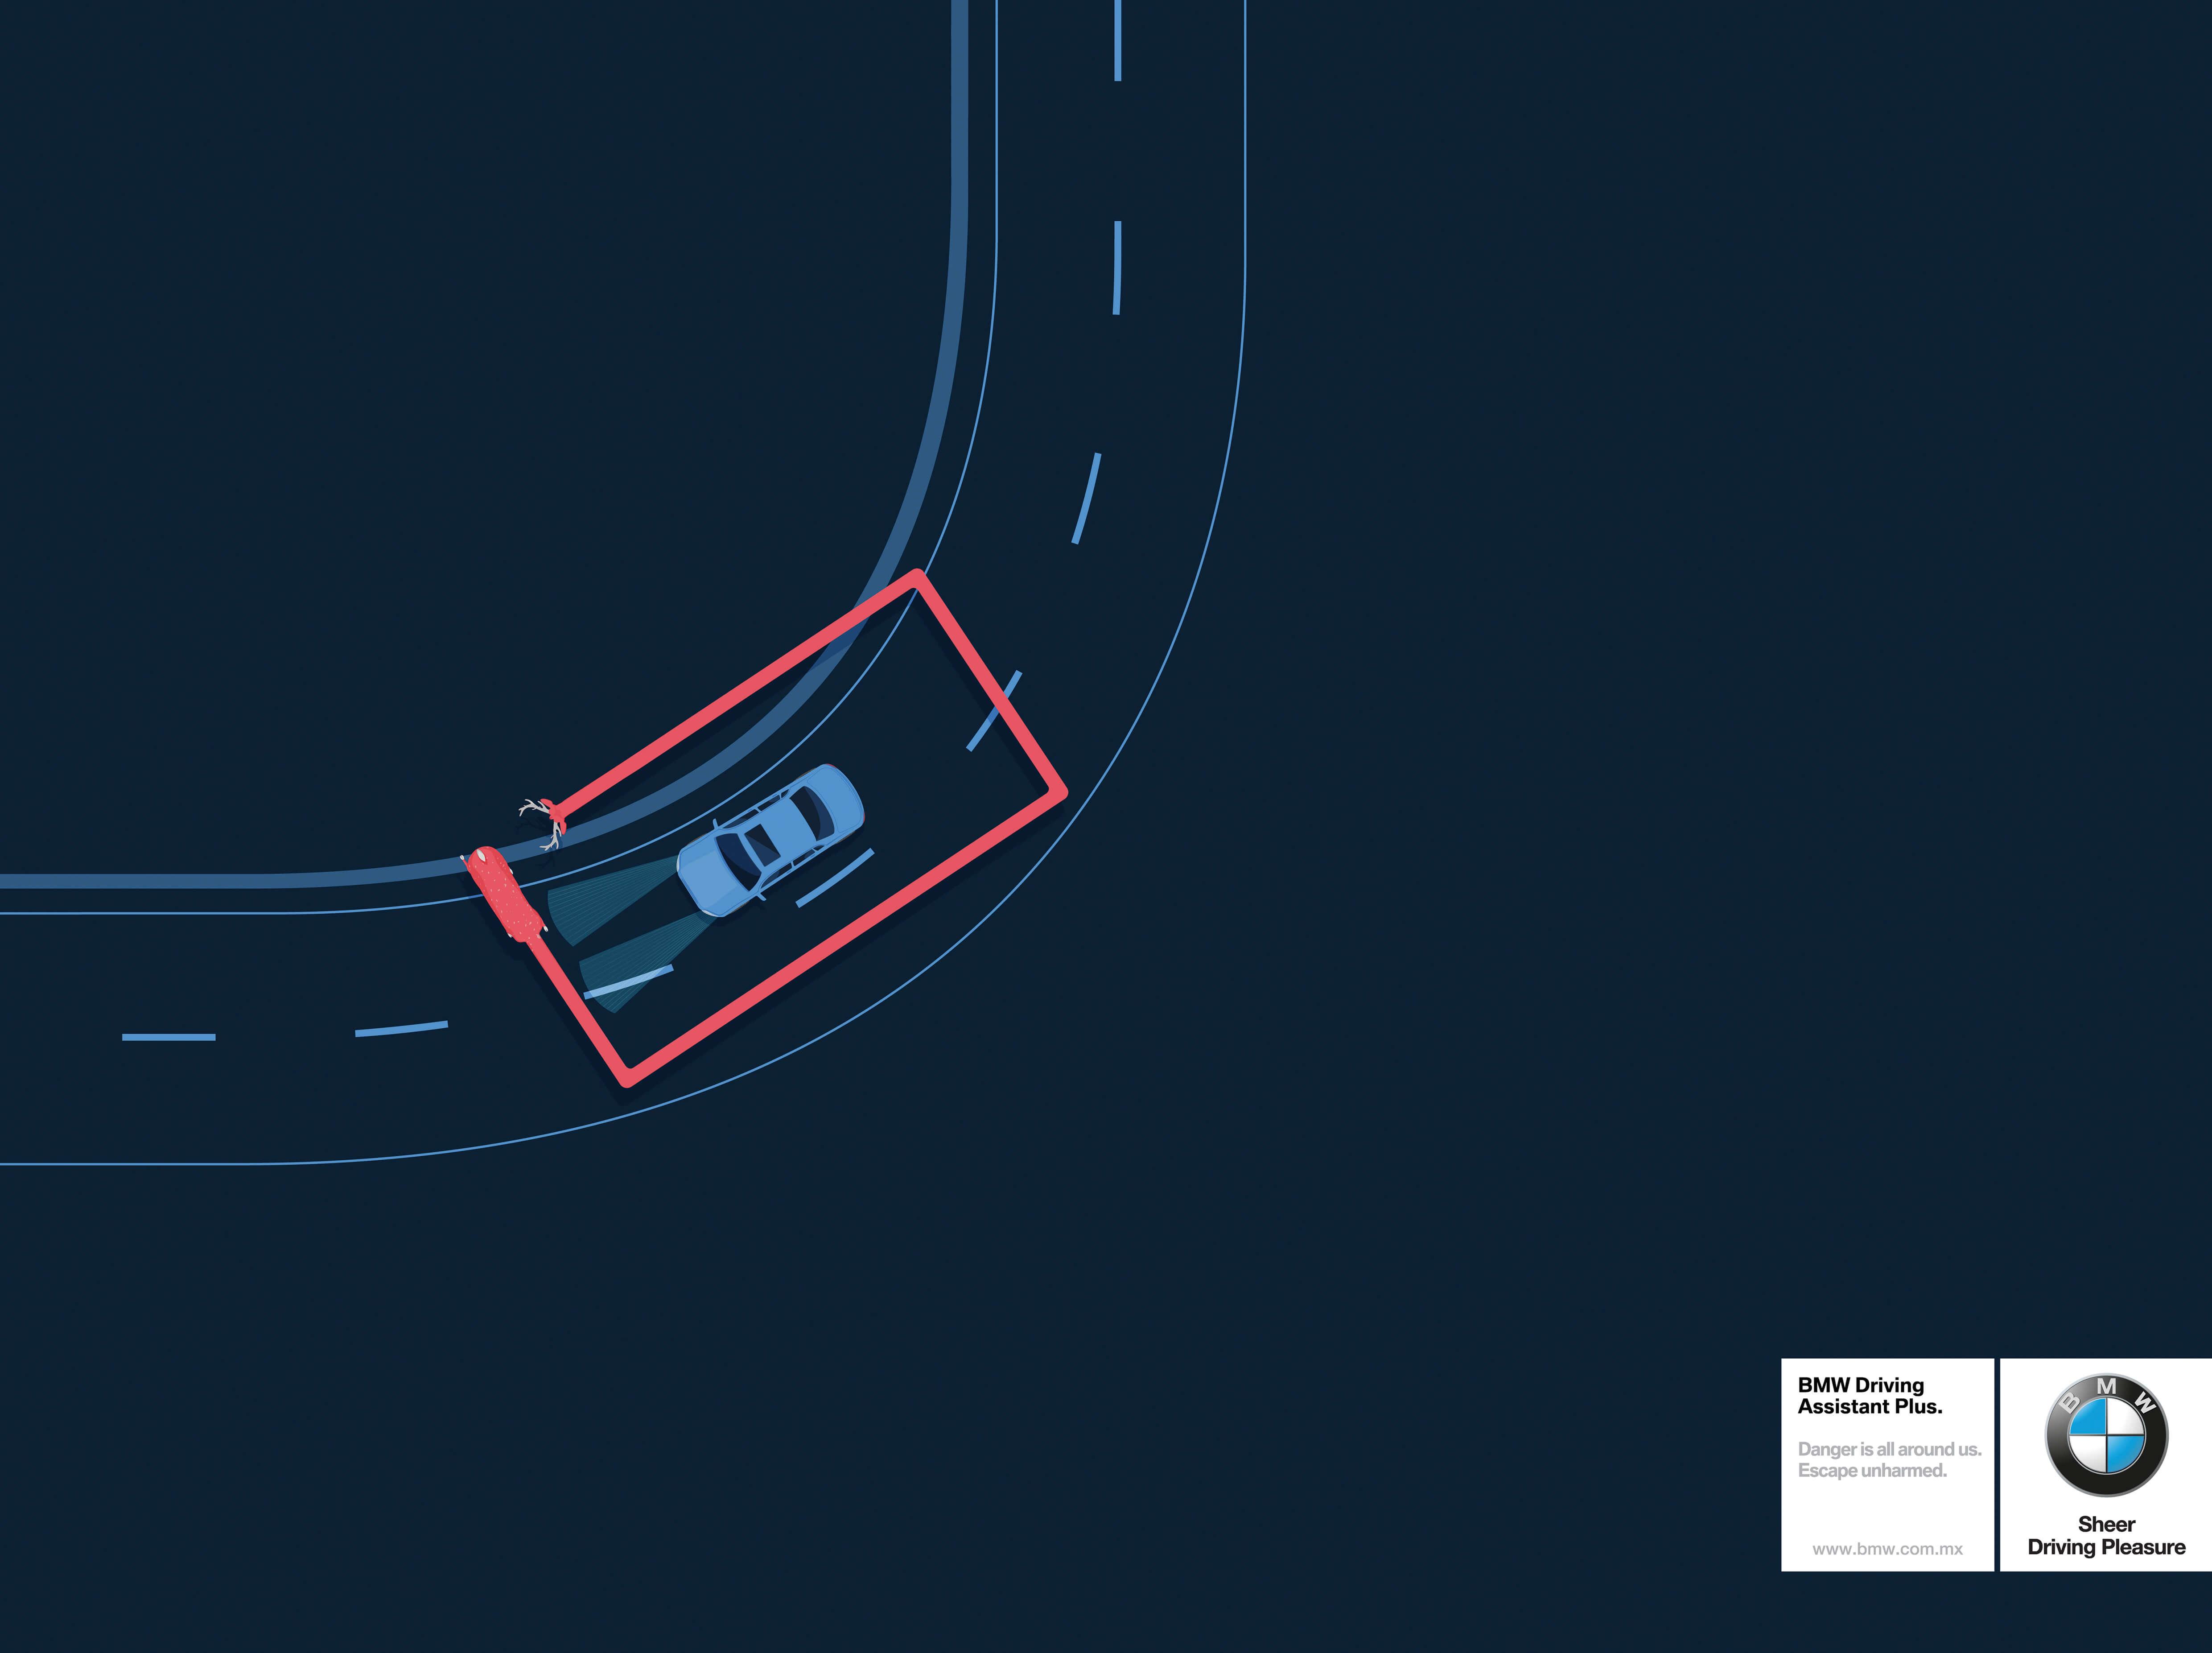 BMW: Asistencia en el camino.